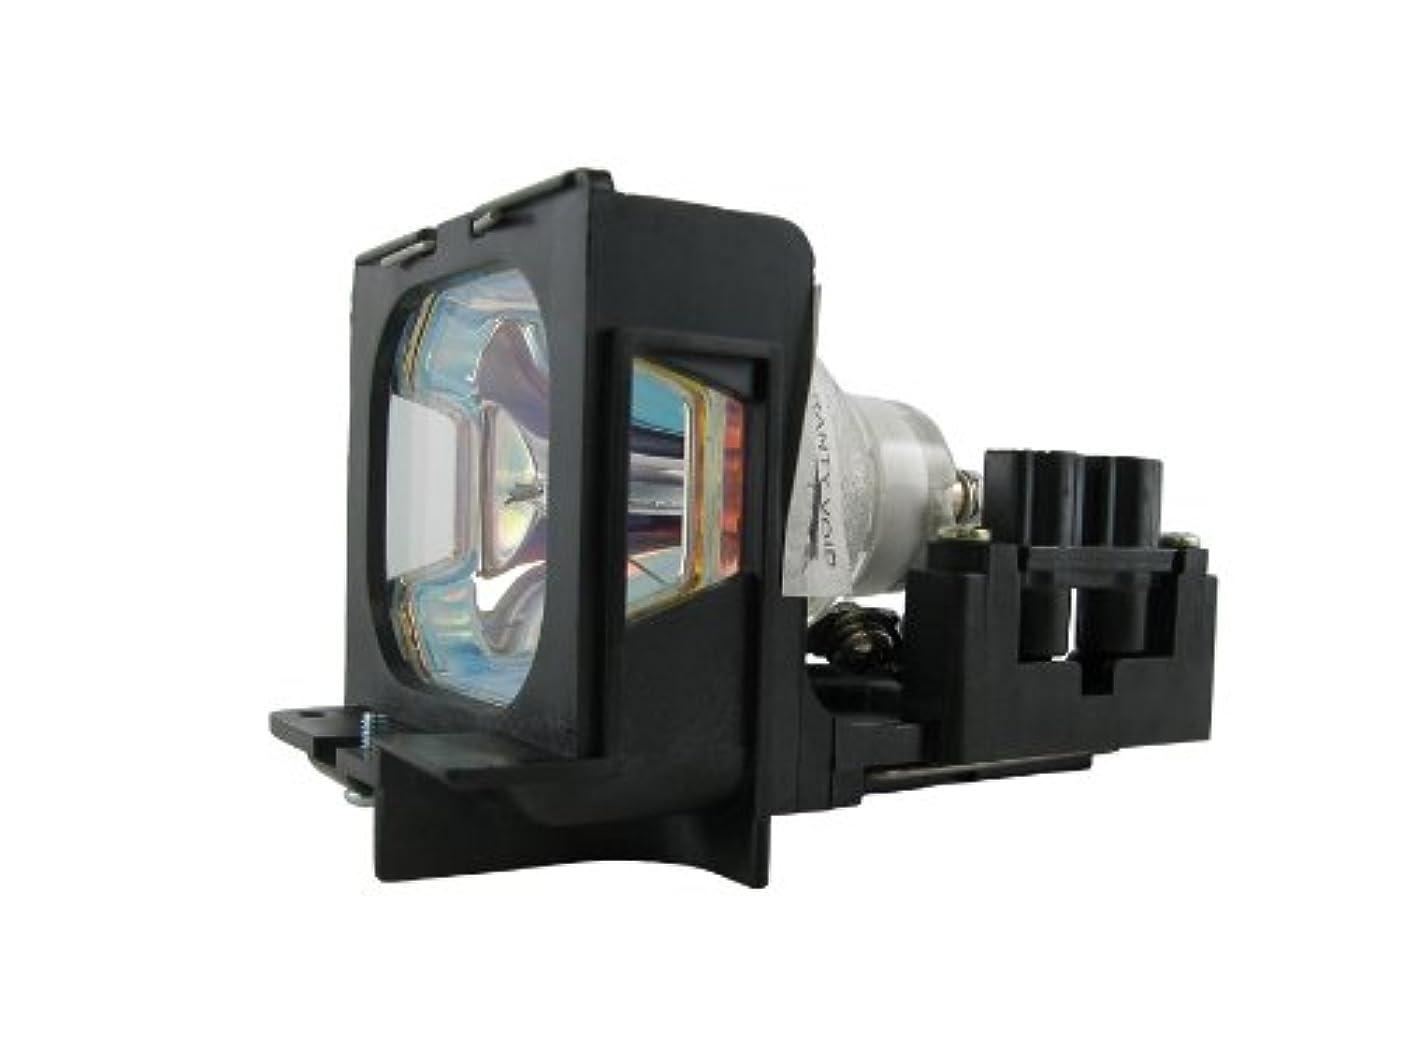 消す押し下げる過激派東芝 TLP 250 200ワット 2000-Hrs UHPプロジェクター電球/ランプ ハウジング付き